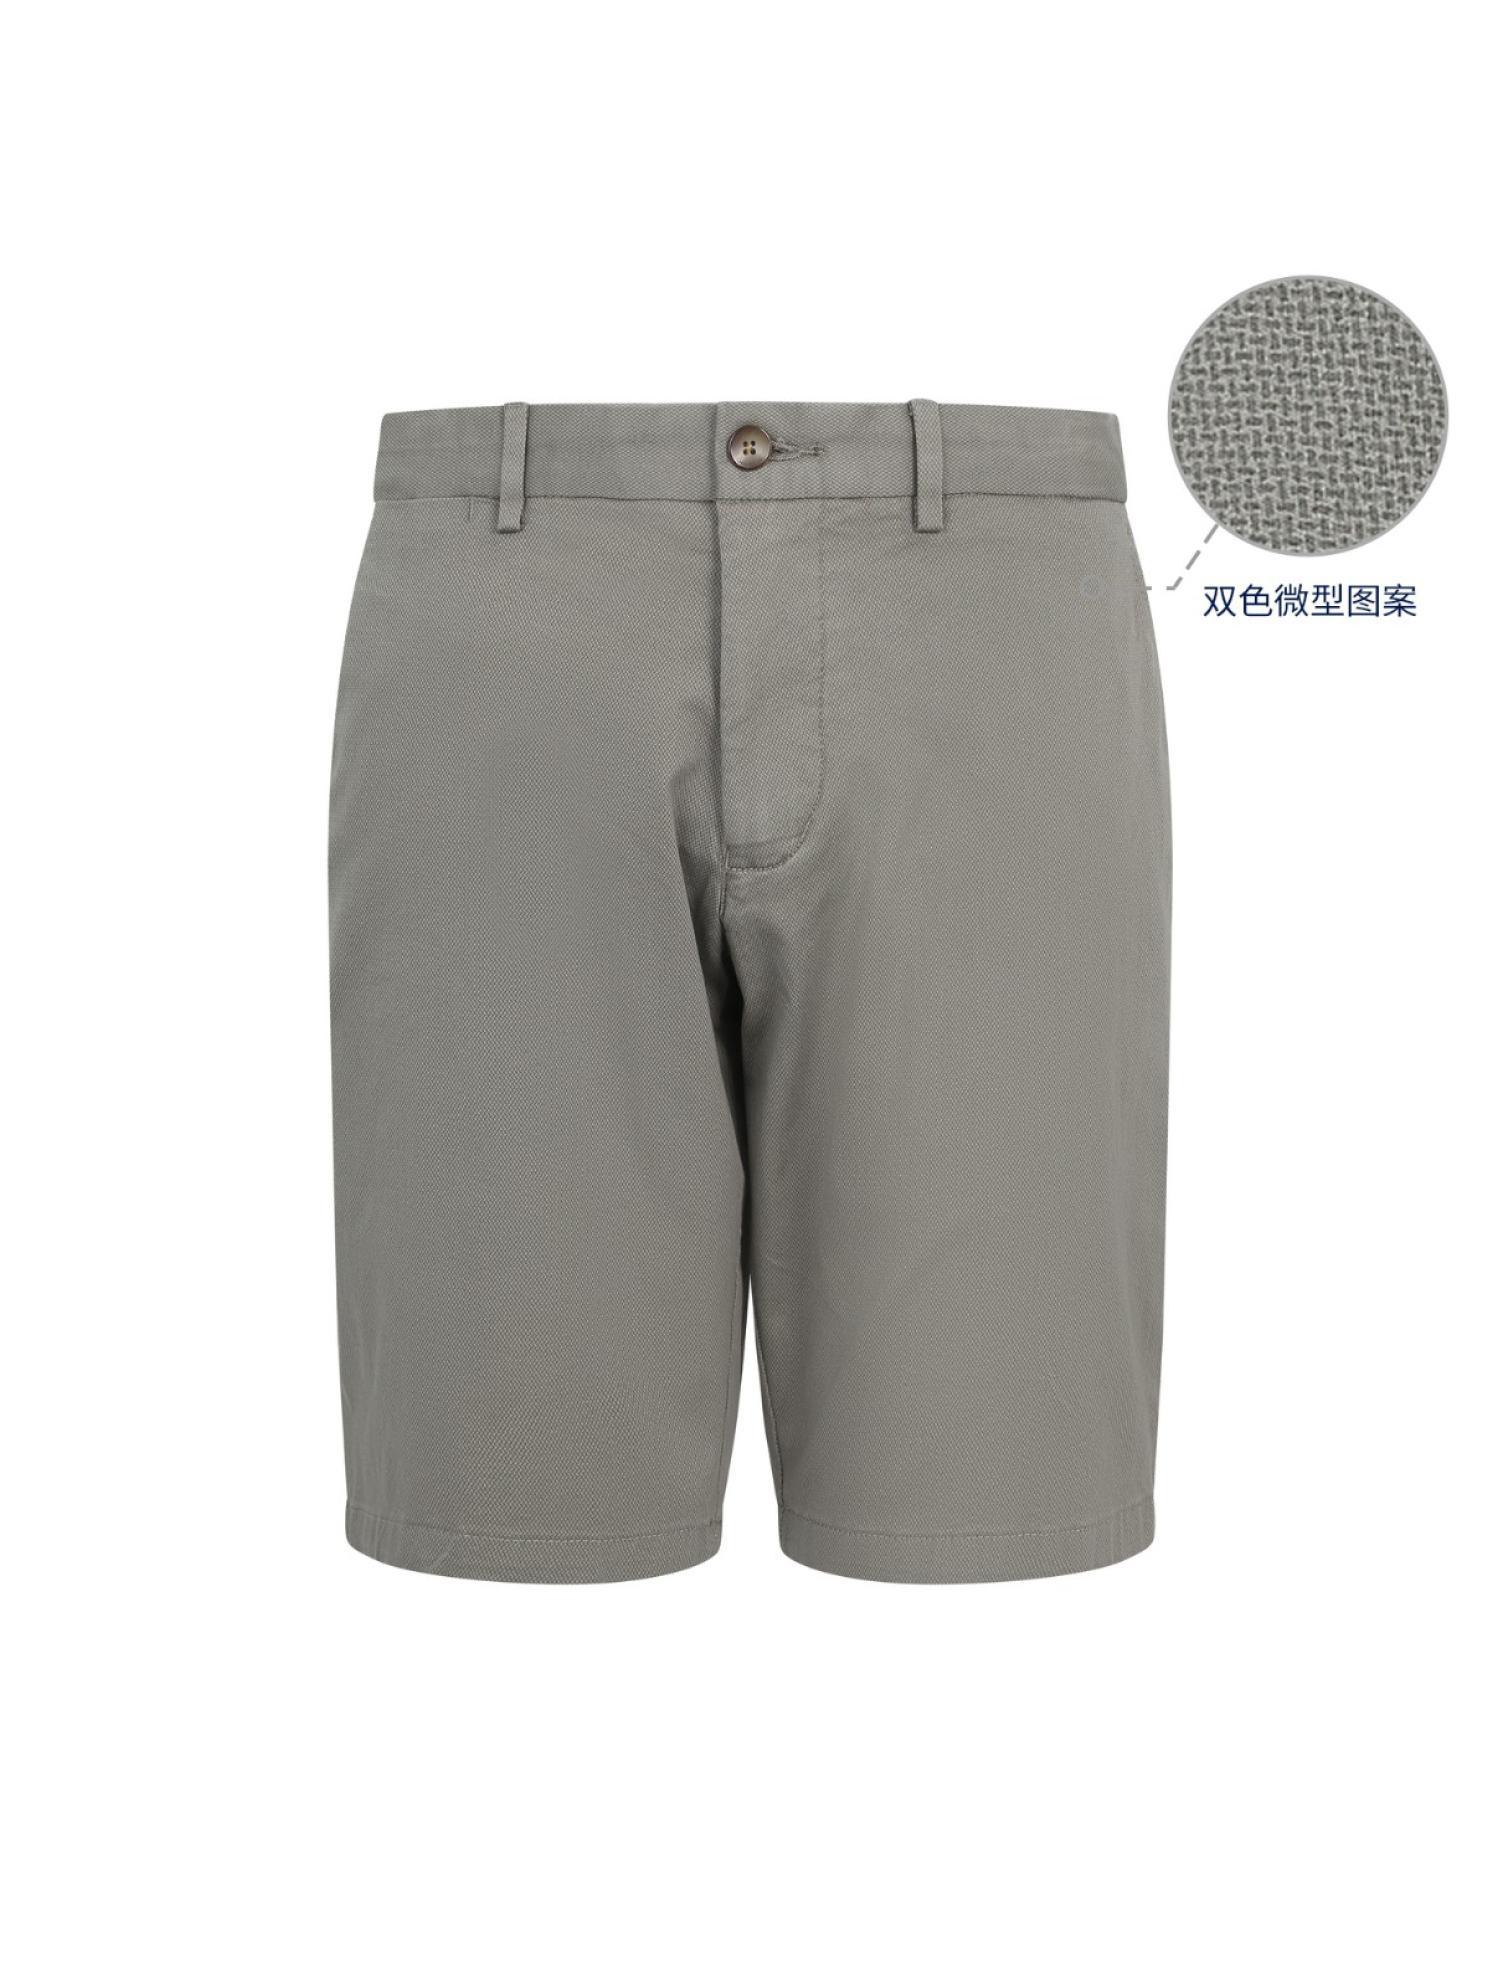 休闲西装短裤